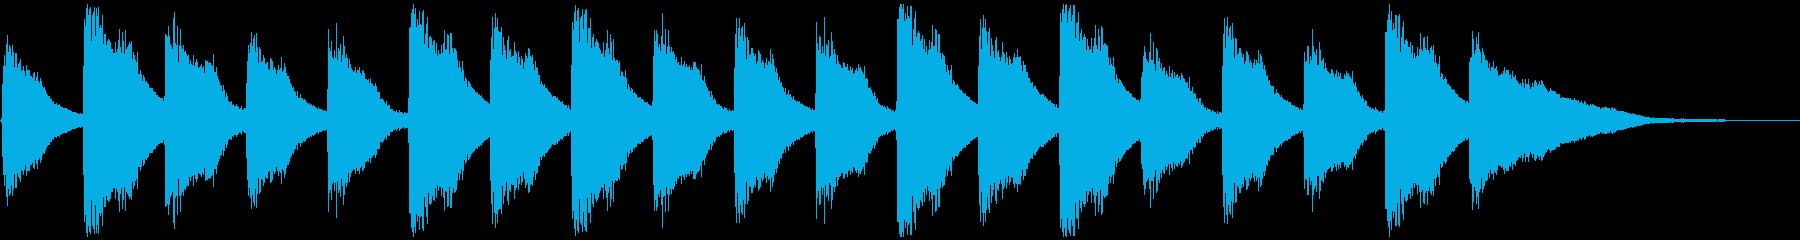 子供と爽やかピアノ、5秒CM、ver.Bの再生済みの波形